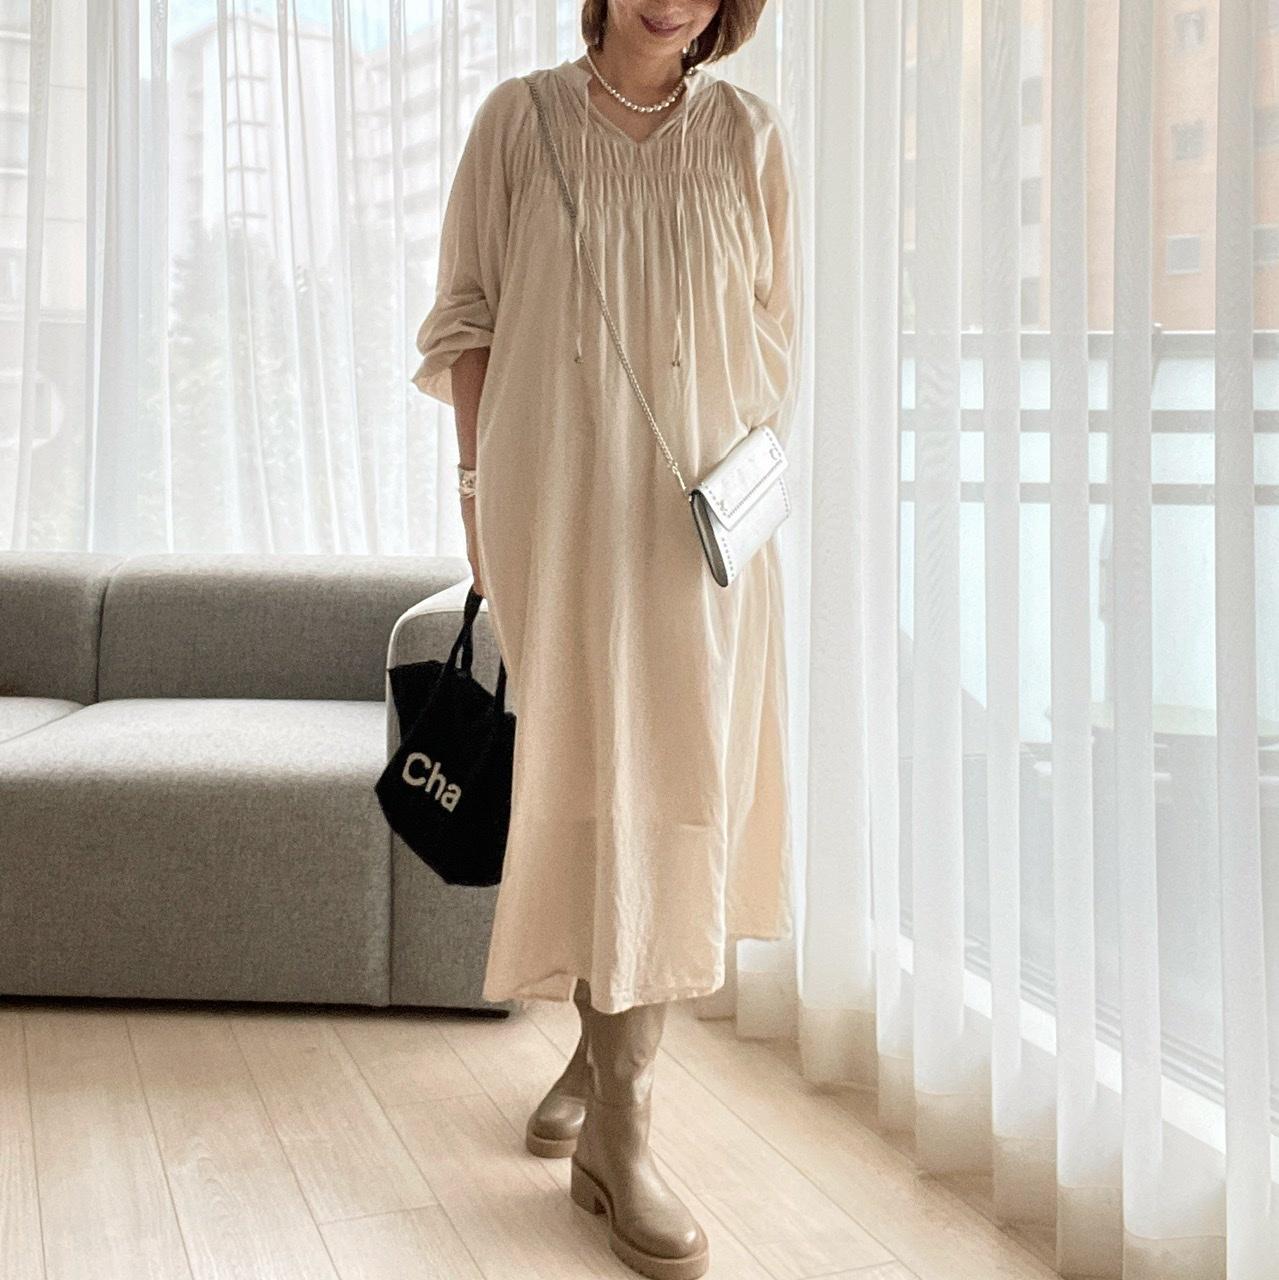 Zaraのブーツ♡ワントーンコーデ_1_4